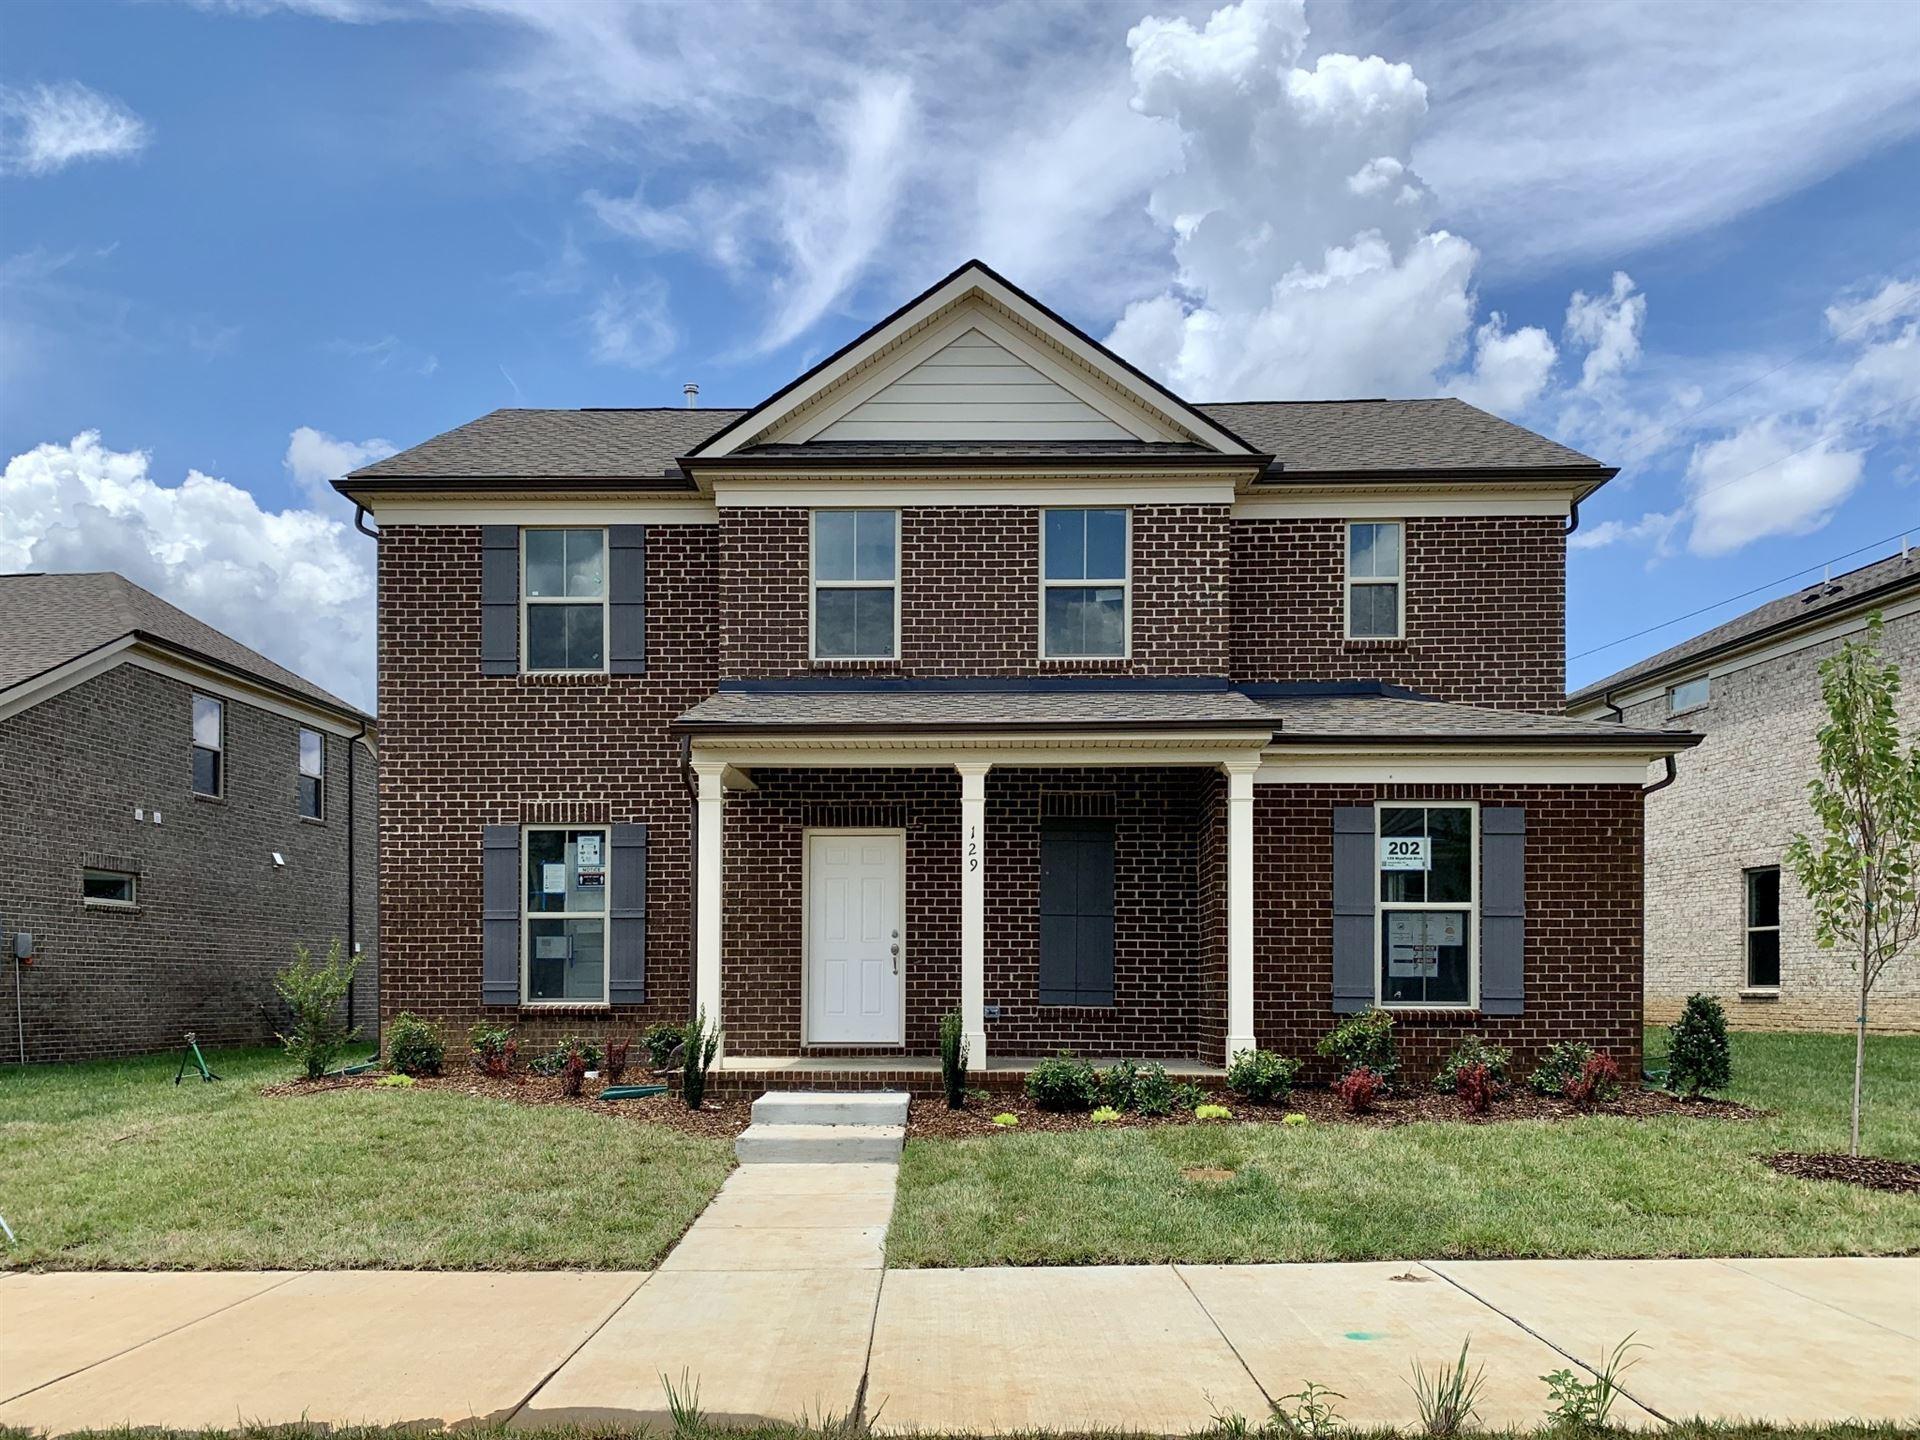 129 Wynfield Blvd Lot 202 E, Mount Juliet, TN 37122 - MLS#: 2178596